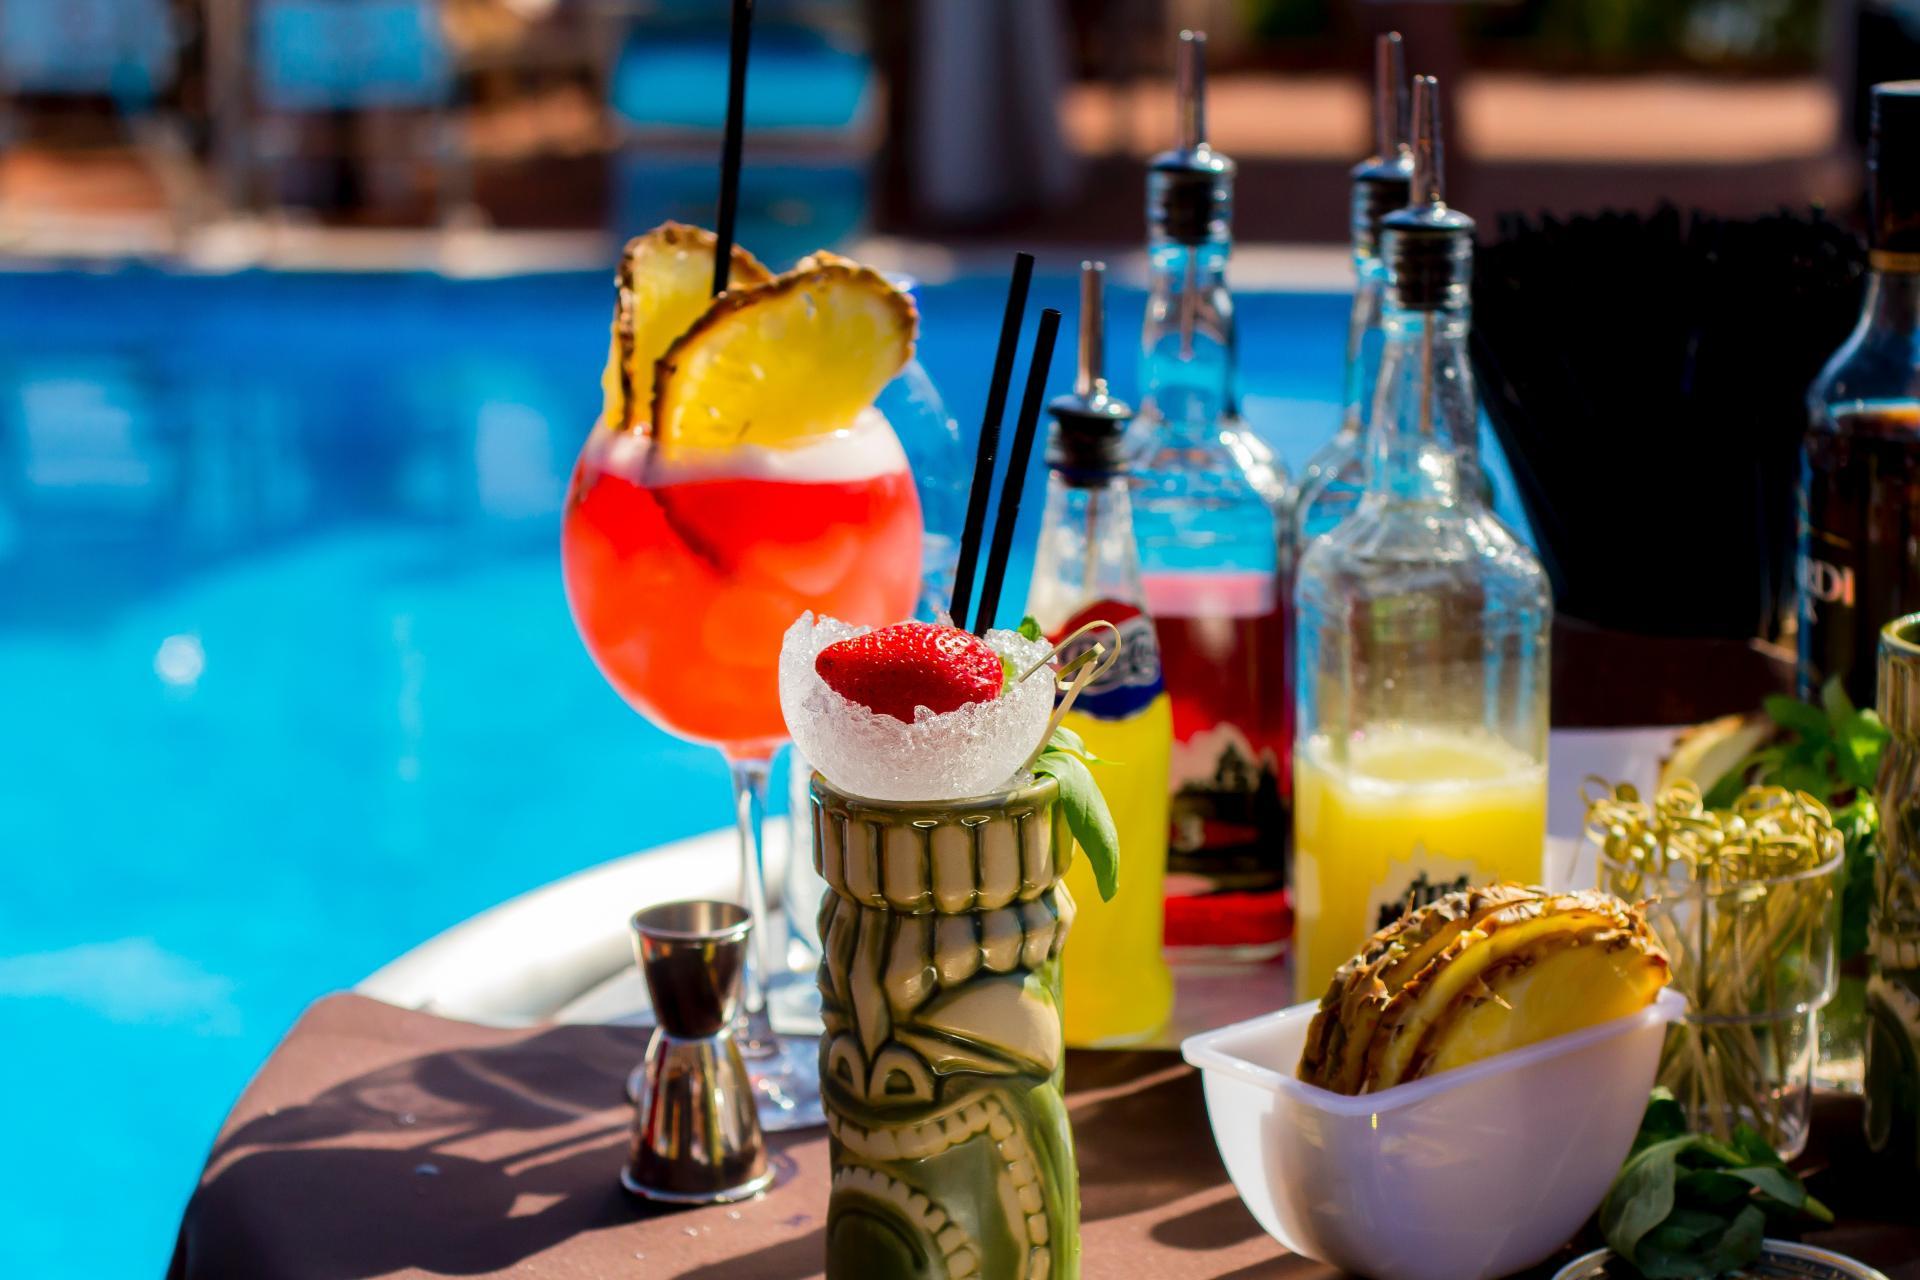 Vara aceasta fa-ti de cap cu cele mai delicioase cocktail-uri!